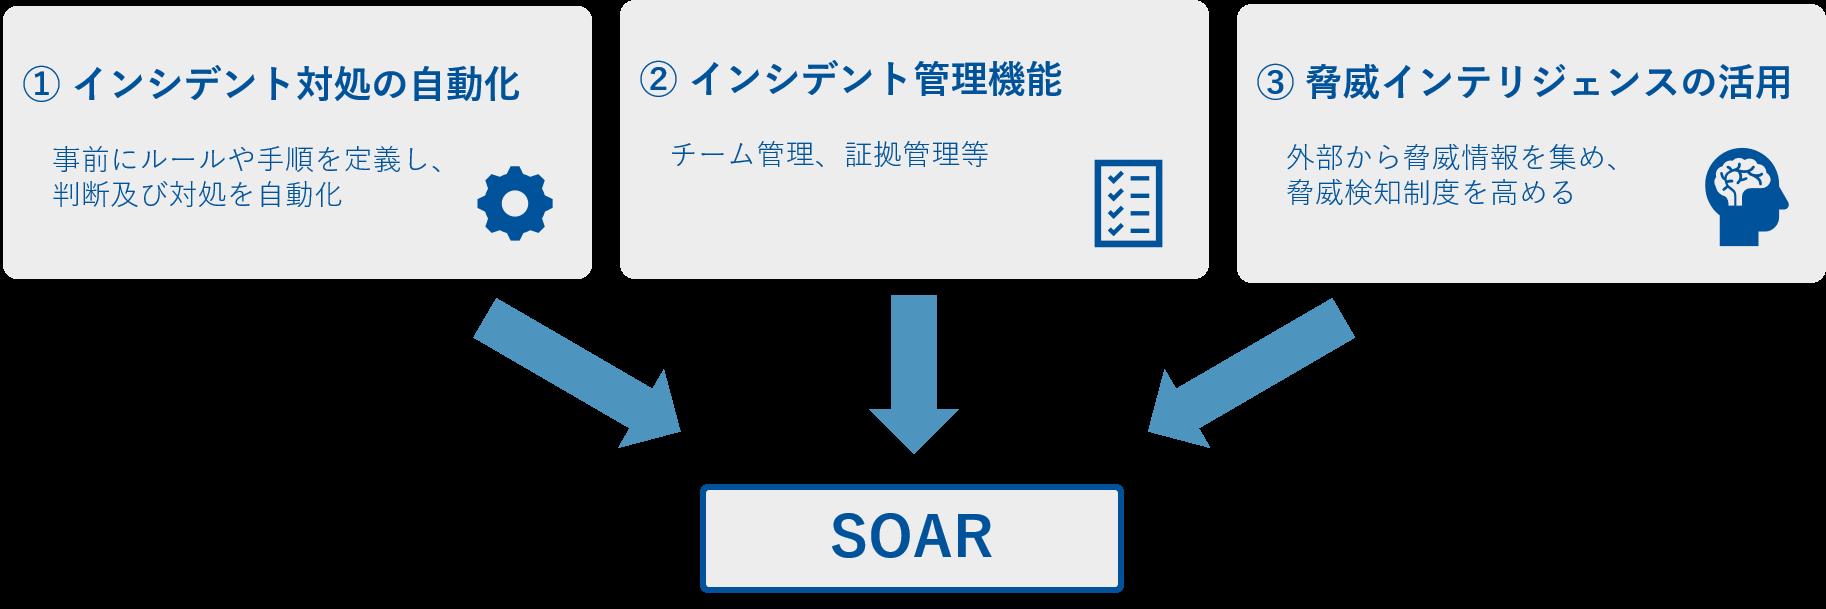 SecureSketCH_SOAR_01